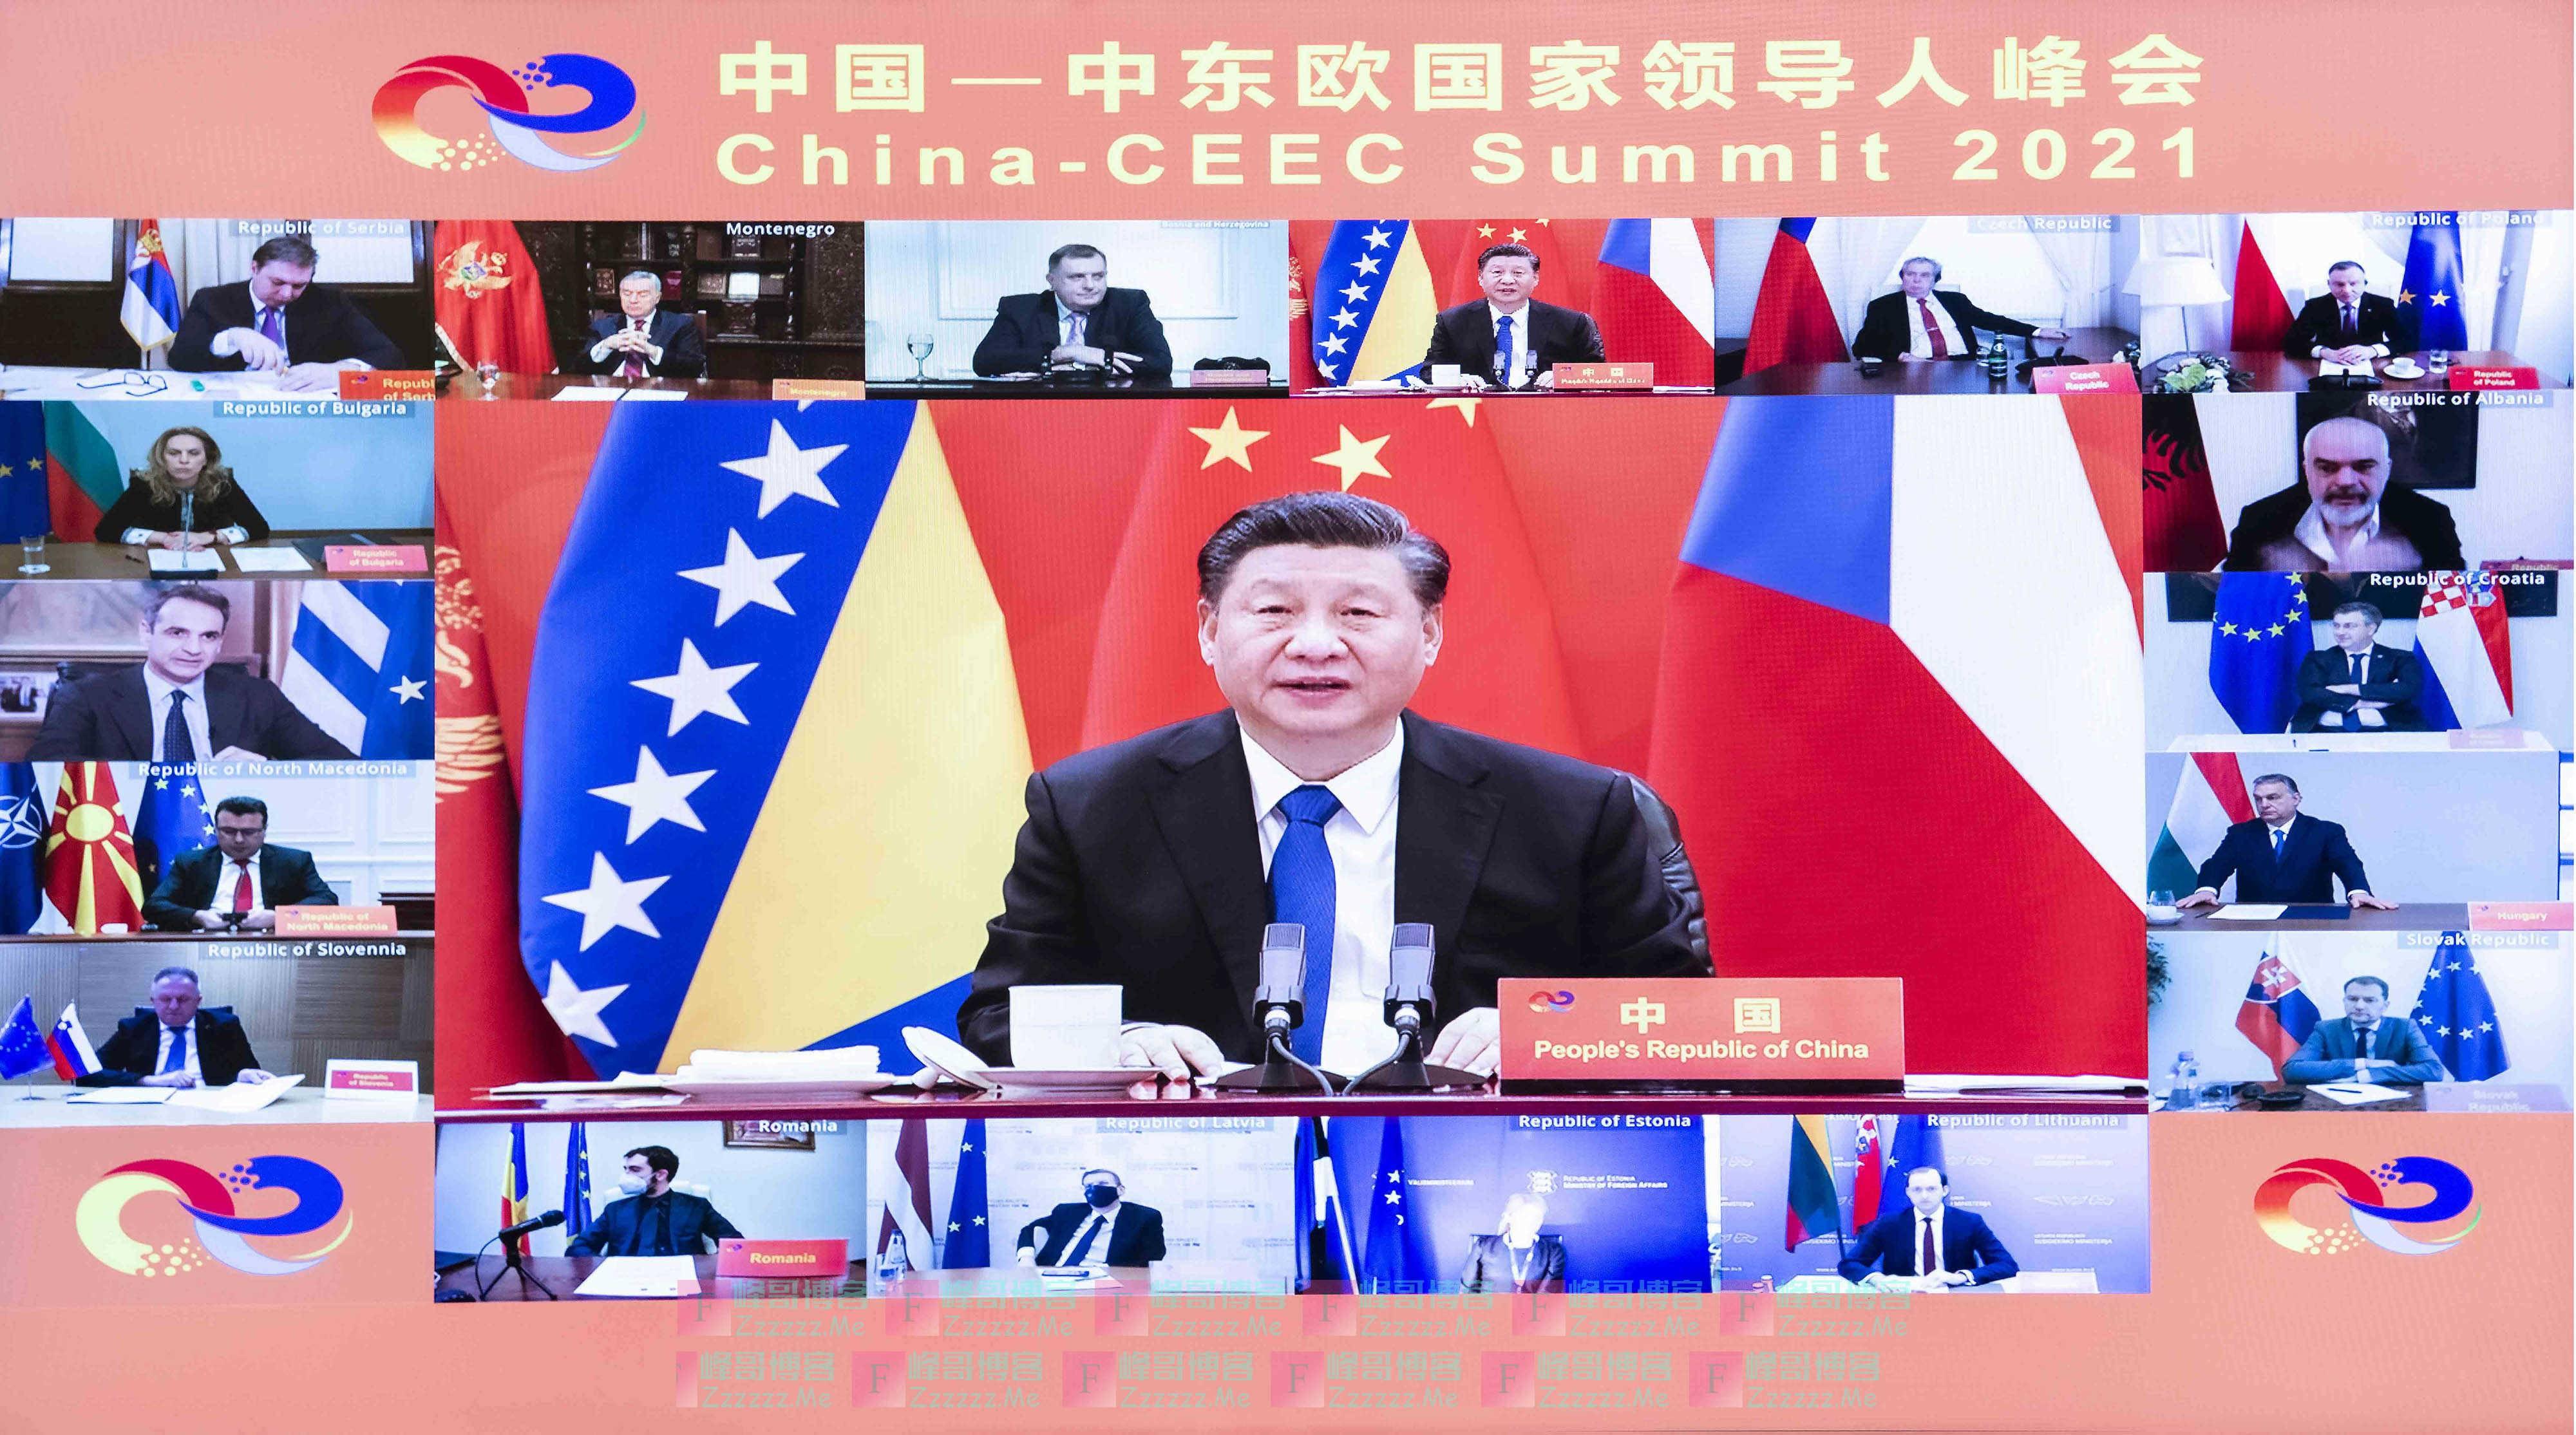 中国—中东欧,这个峰会意味着什么?